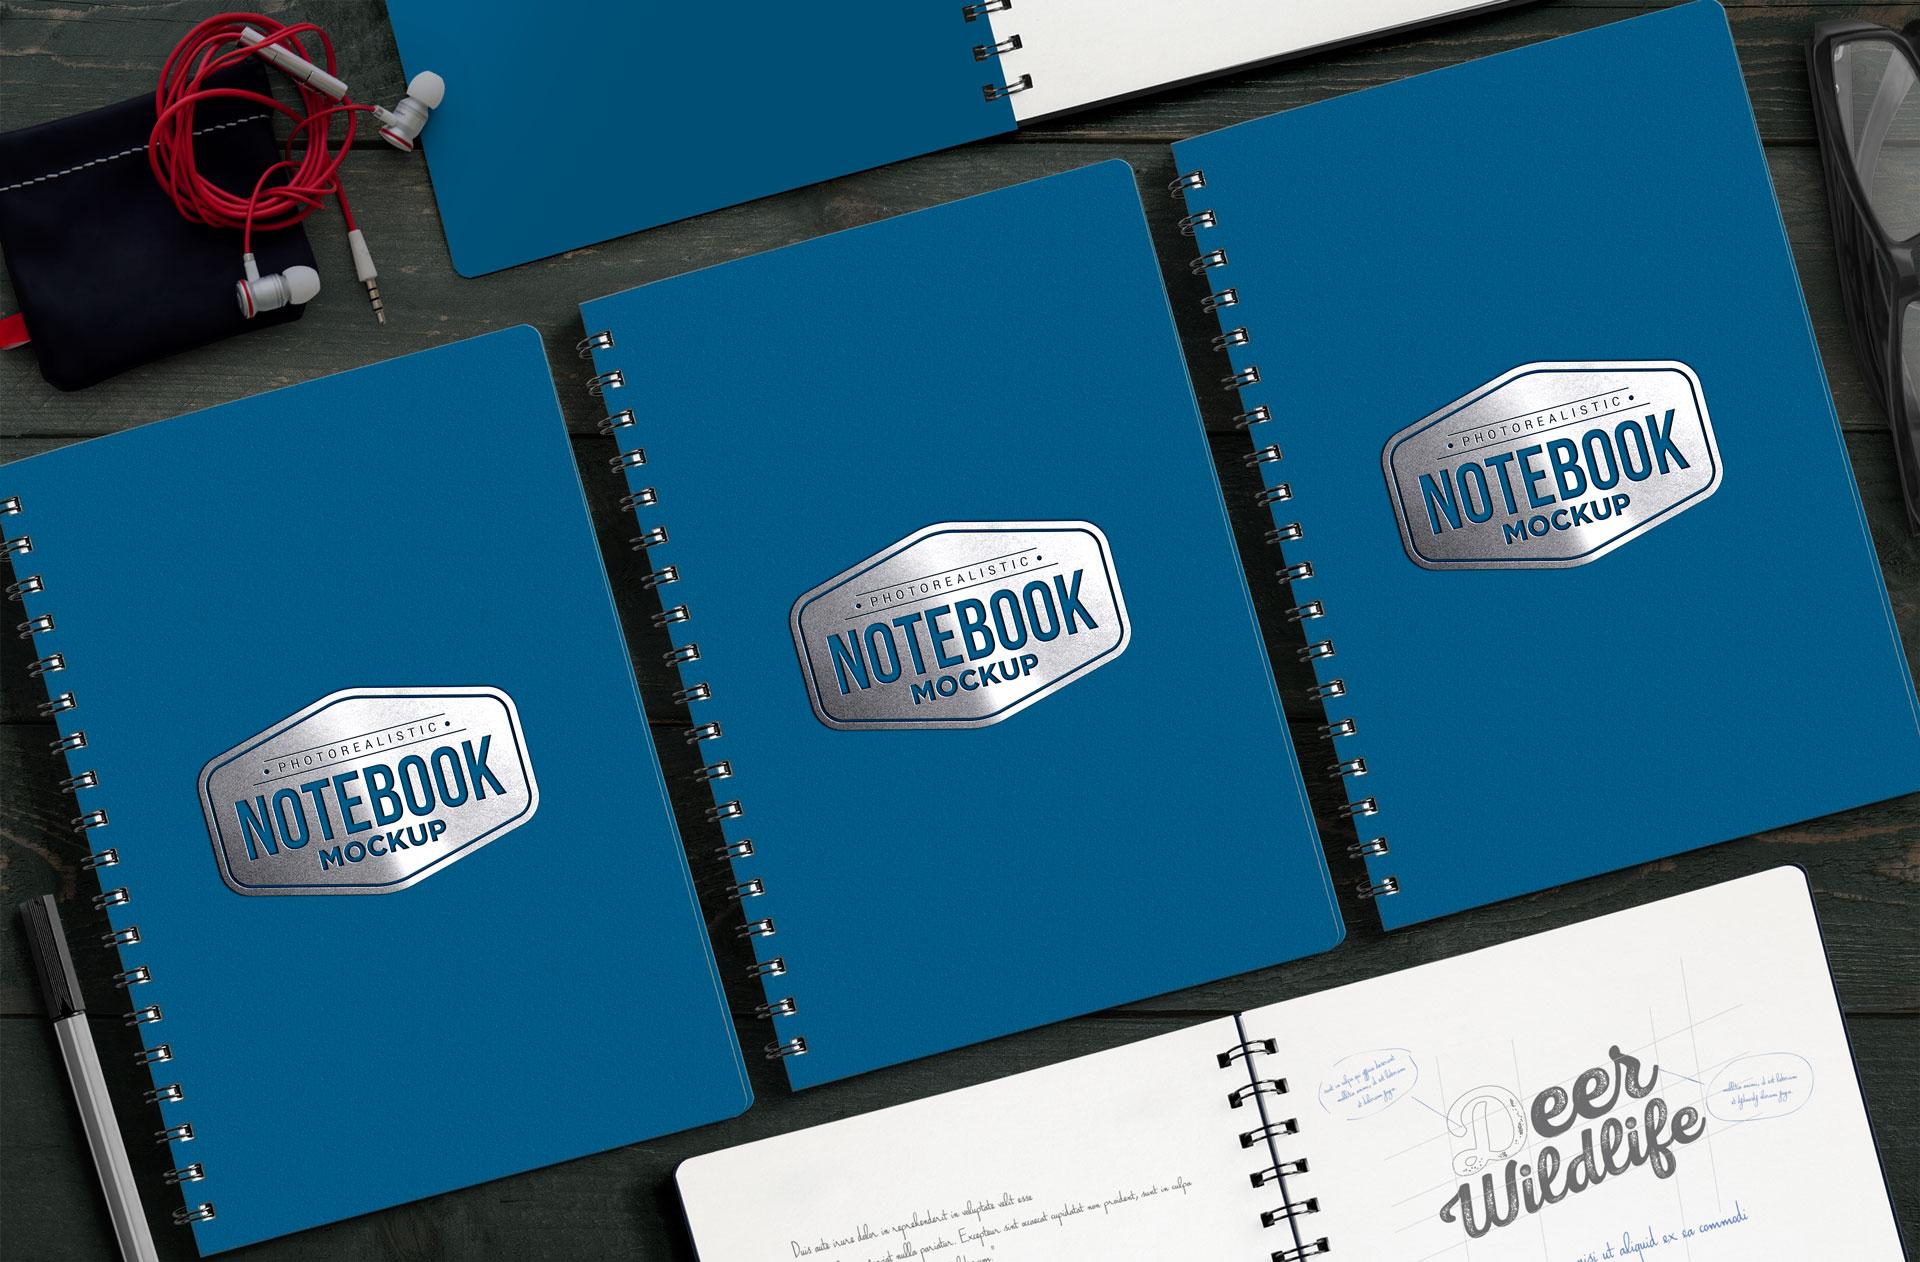 note-book-mockup-scene-04